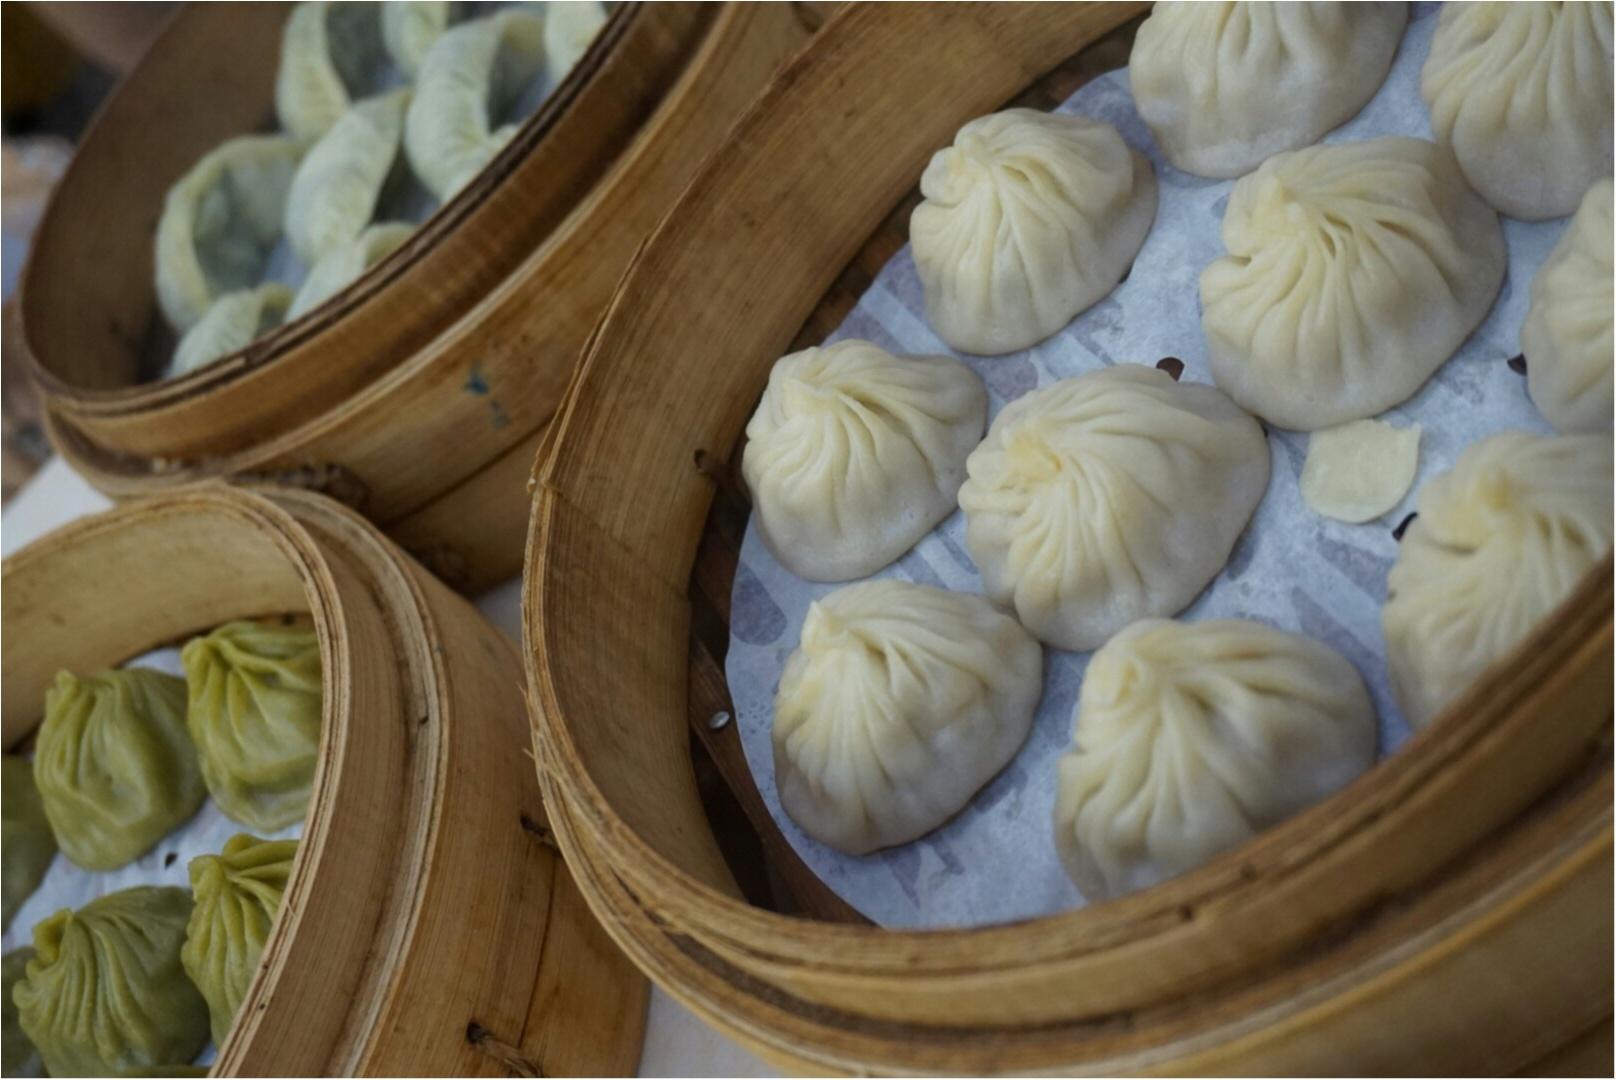 台湾のおしゃれなカフェ&食べ物特集 - 人気のタピオカや小籠包も! 台湾女子旅におすすめのグルメ情報まとめ_60